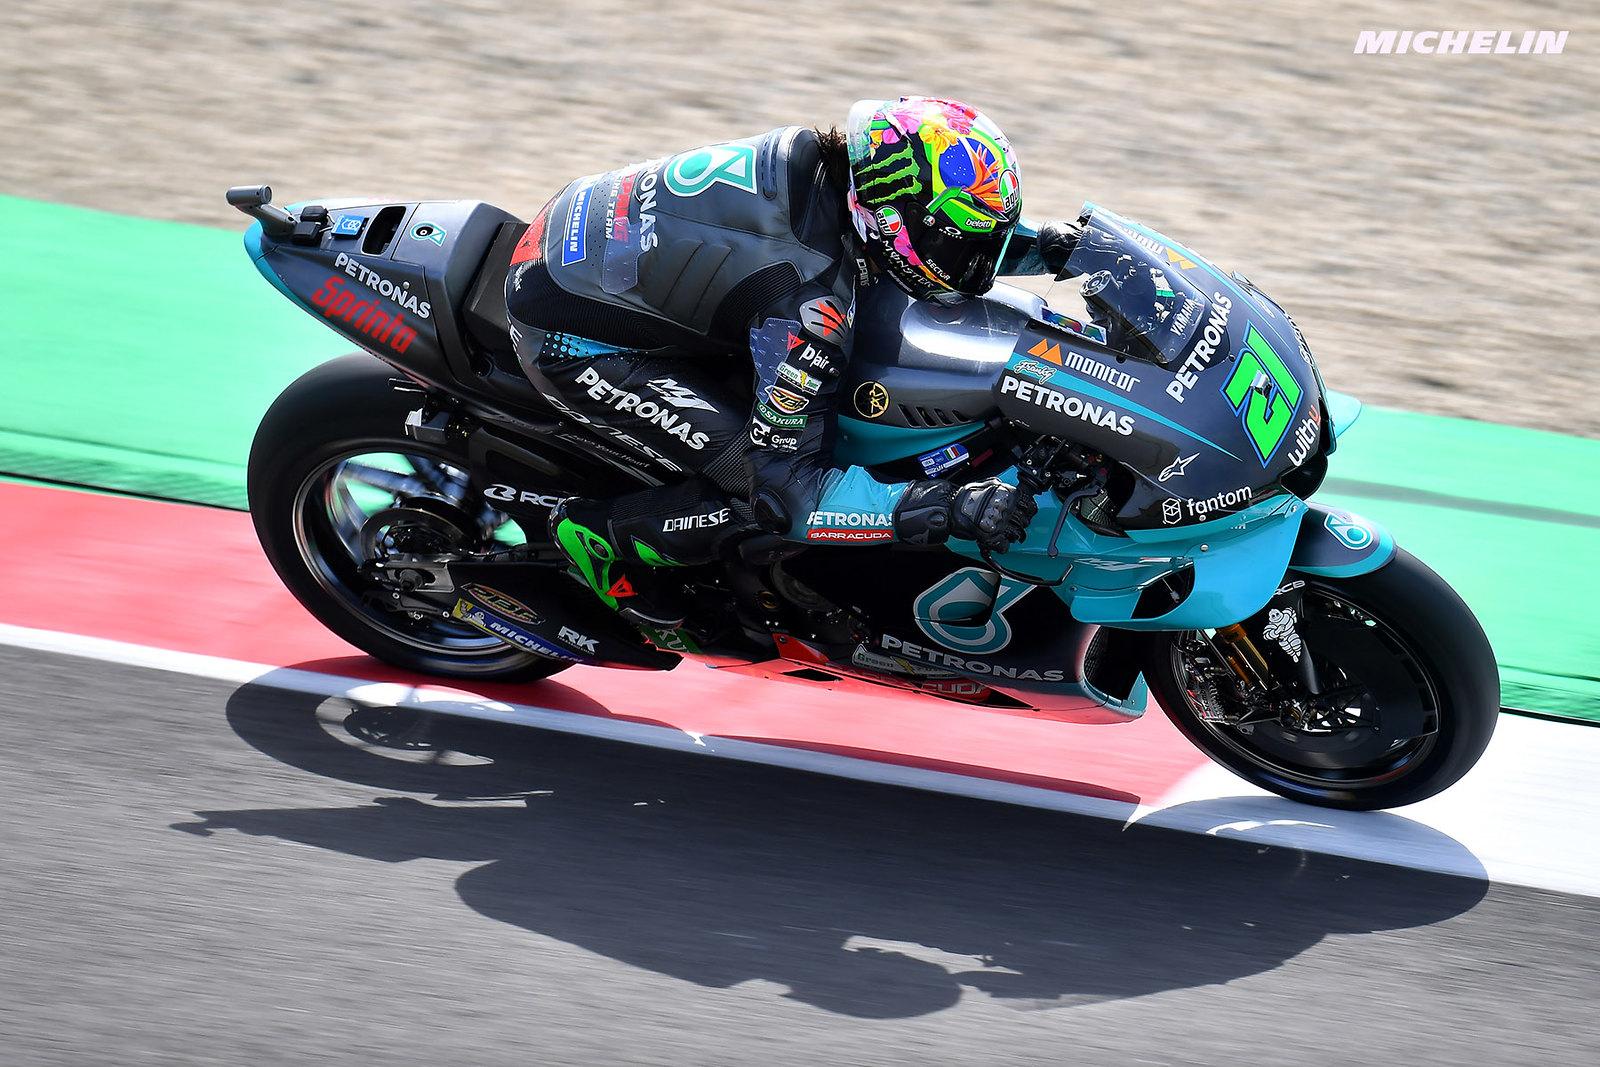 MotoGP2021イタリアGP 予選10位フランコ・モルビデッリ「今朝のスピードを再現することができなかった」